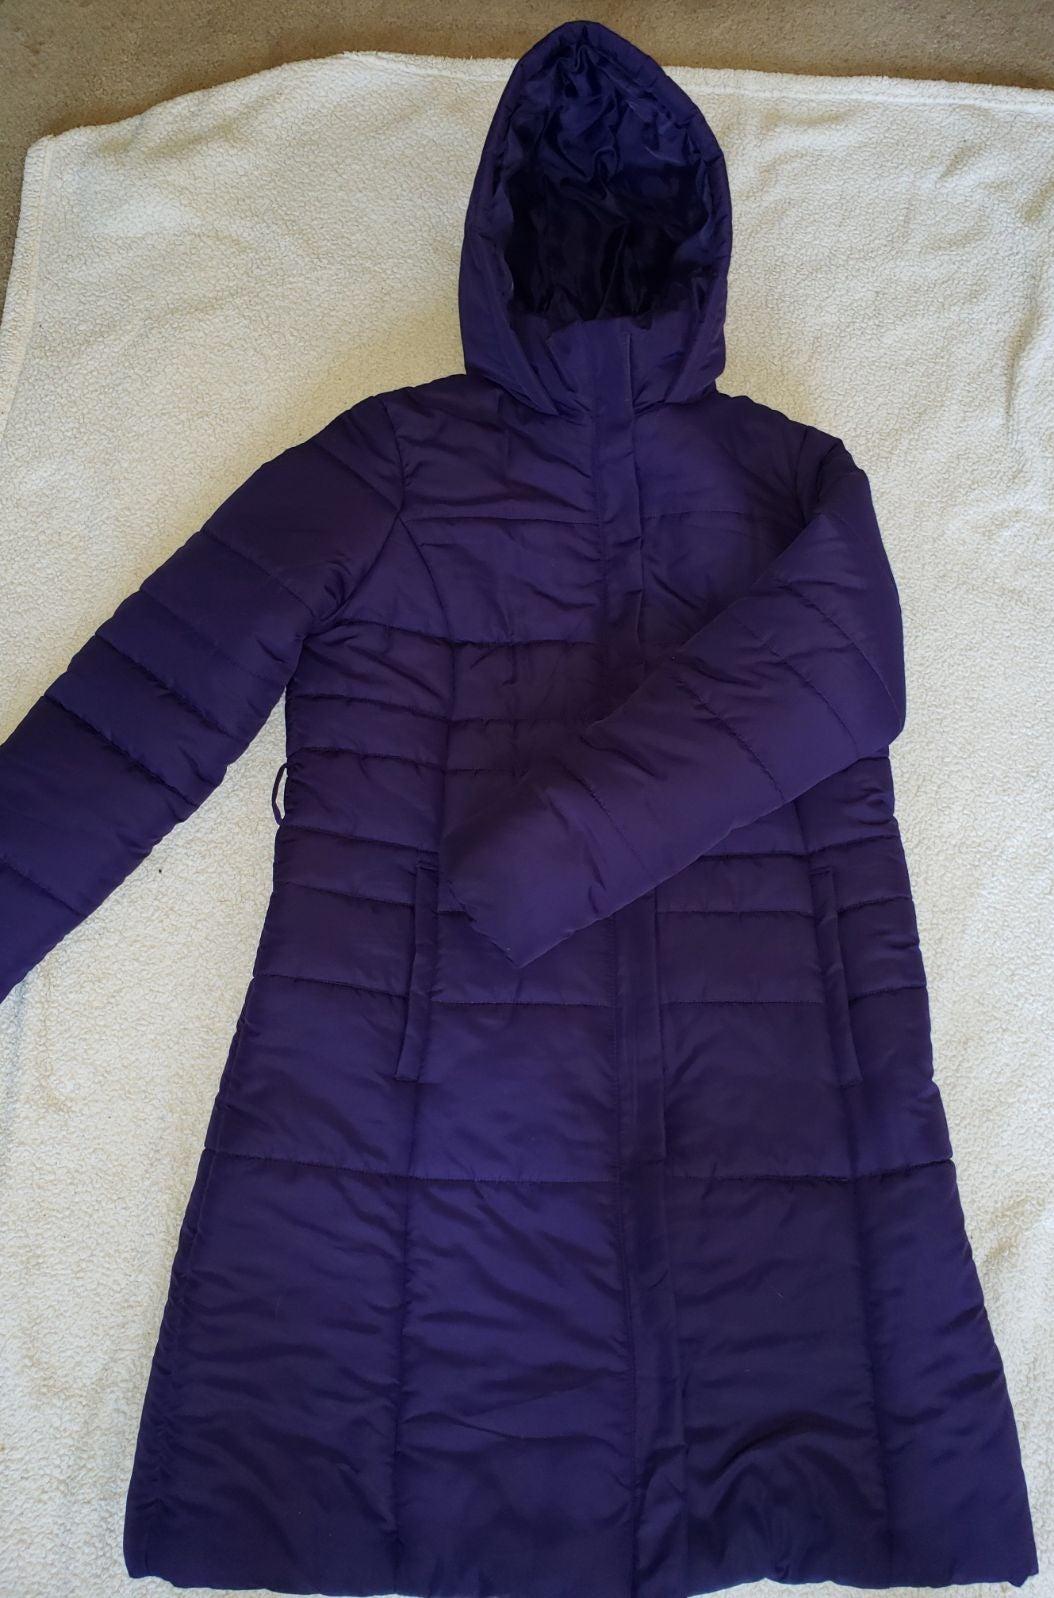 Merona Juniors Puffer Jacket